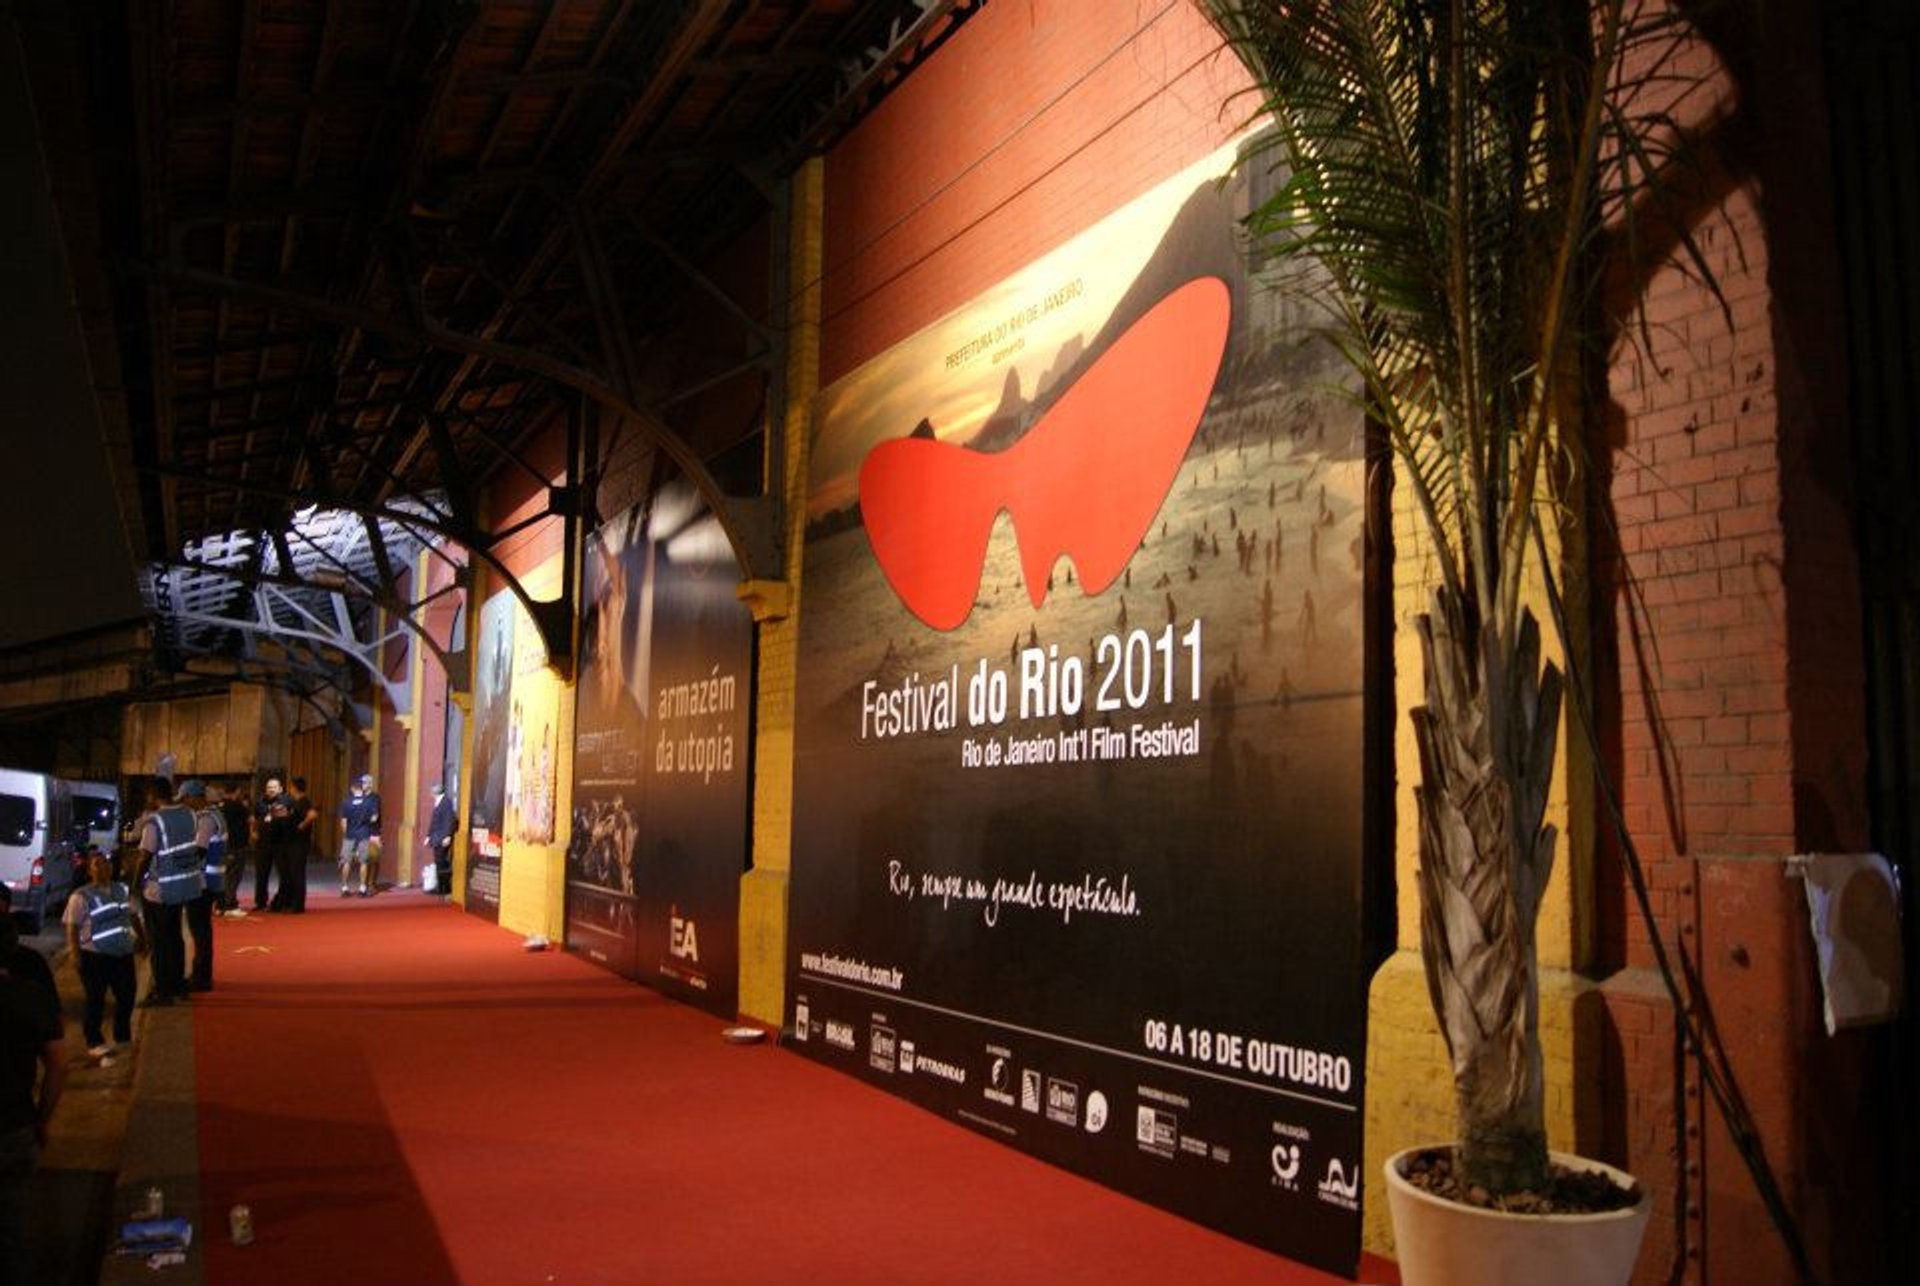 Festival do Rio l Rio de Janeiro Int'l Film Festival in Rio de Janeiro 2019 - Best Time